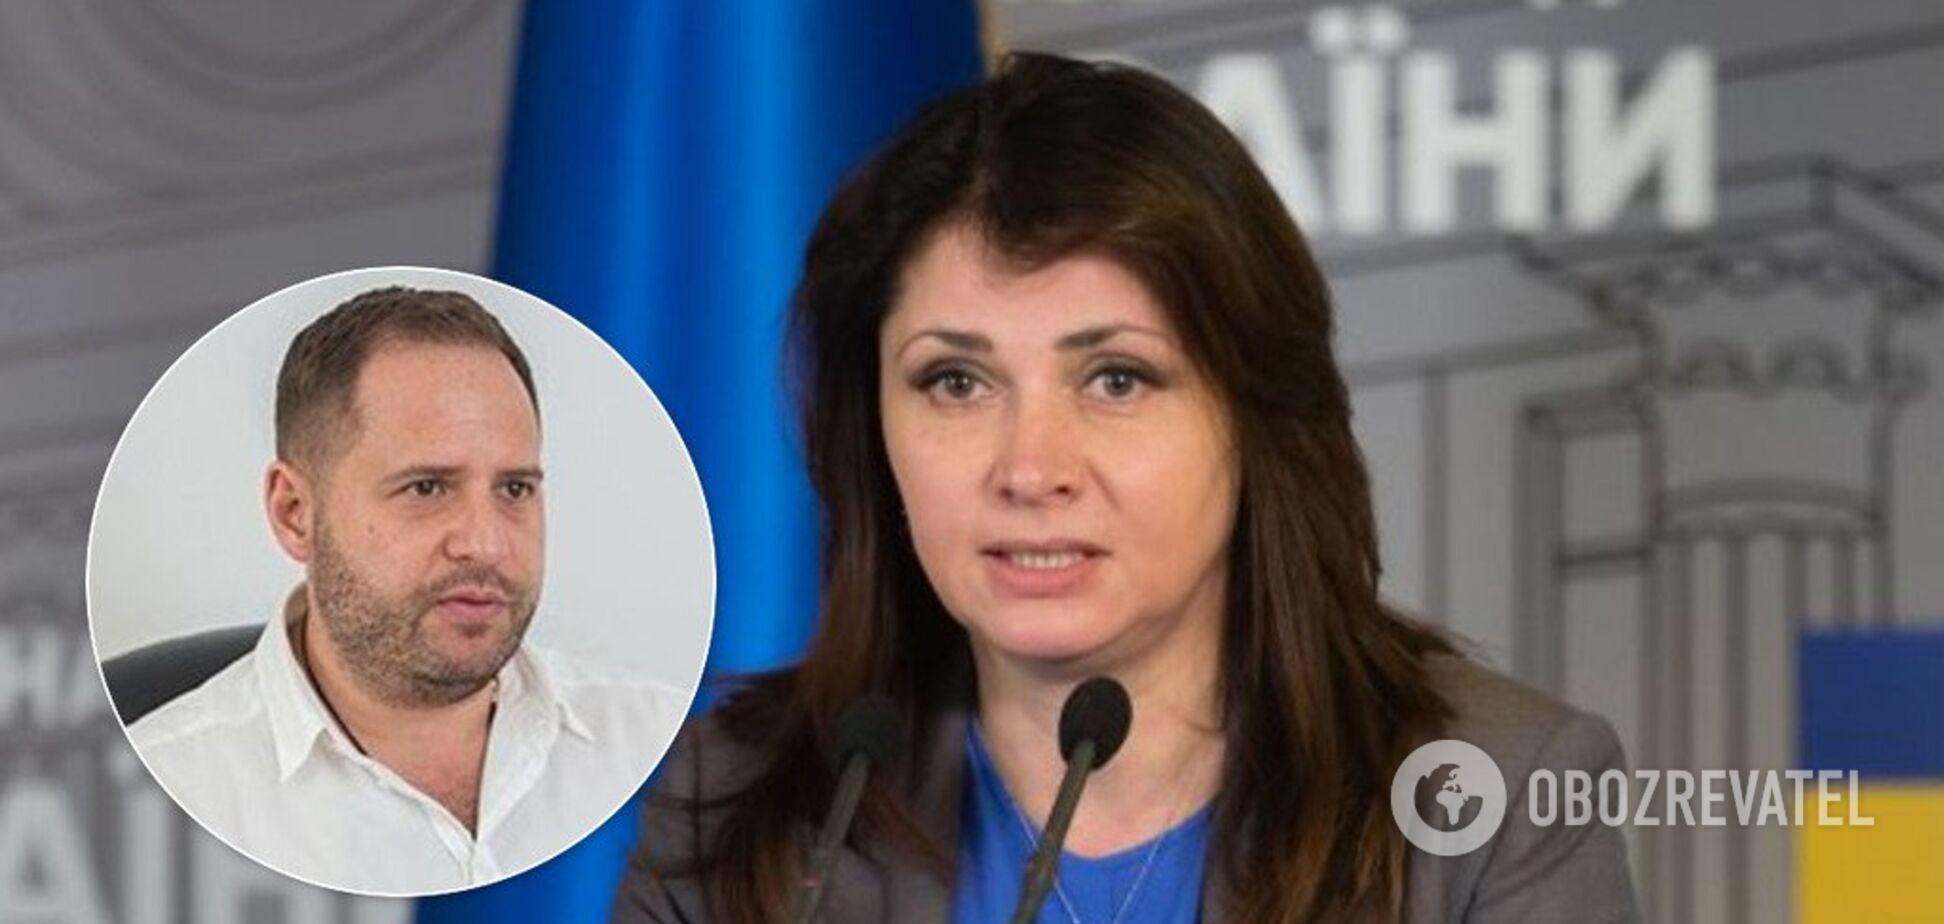 'Працює за російськими темниками!' У Порошенка висунули гучне звинувачення проти радника Зеленського